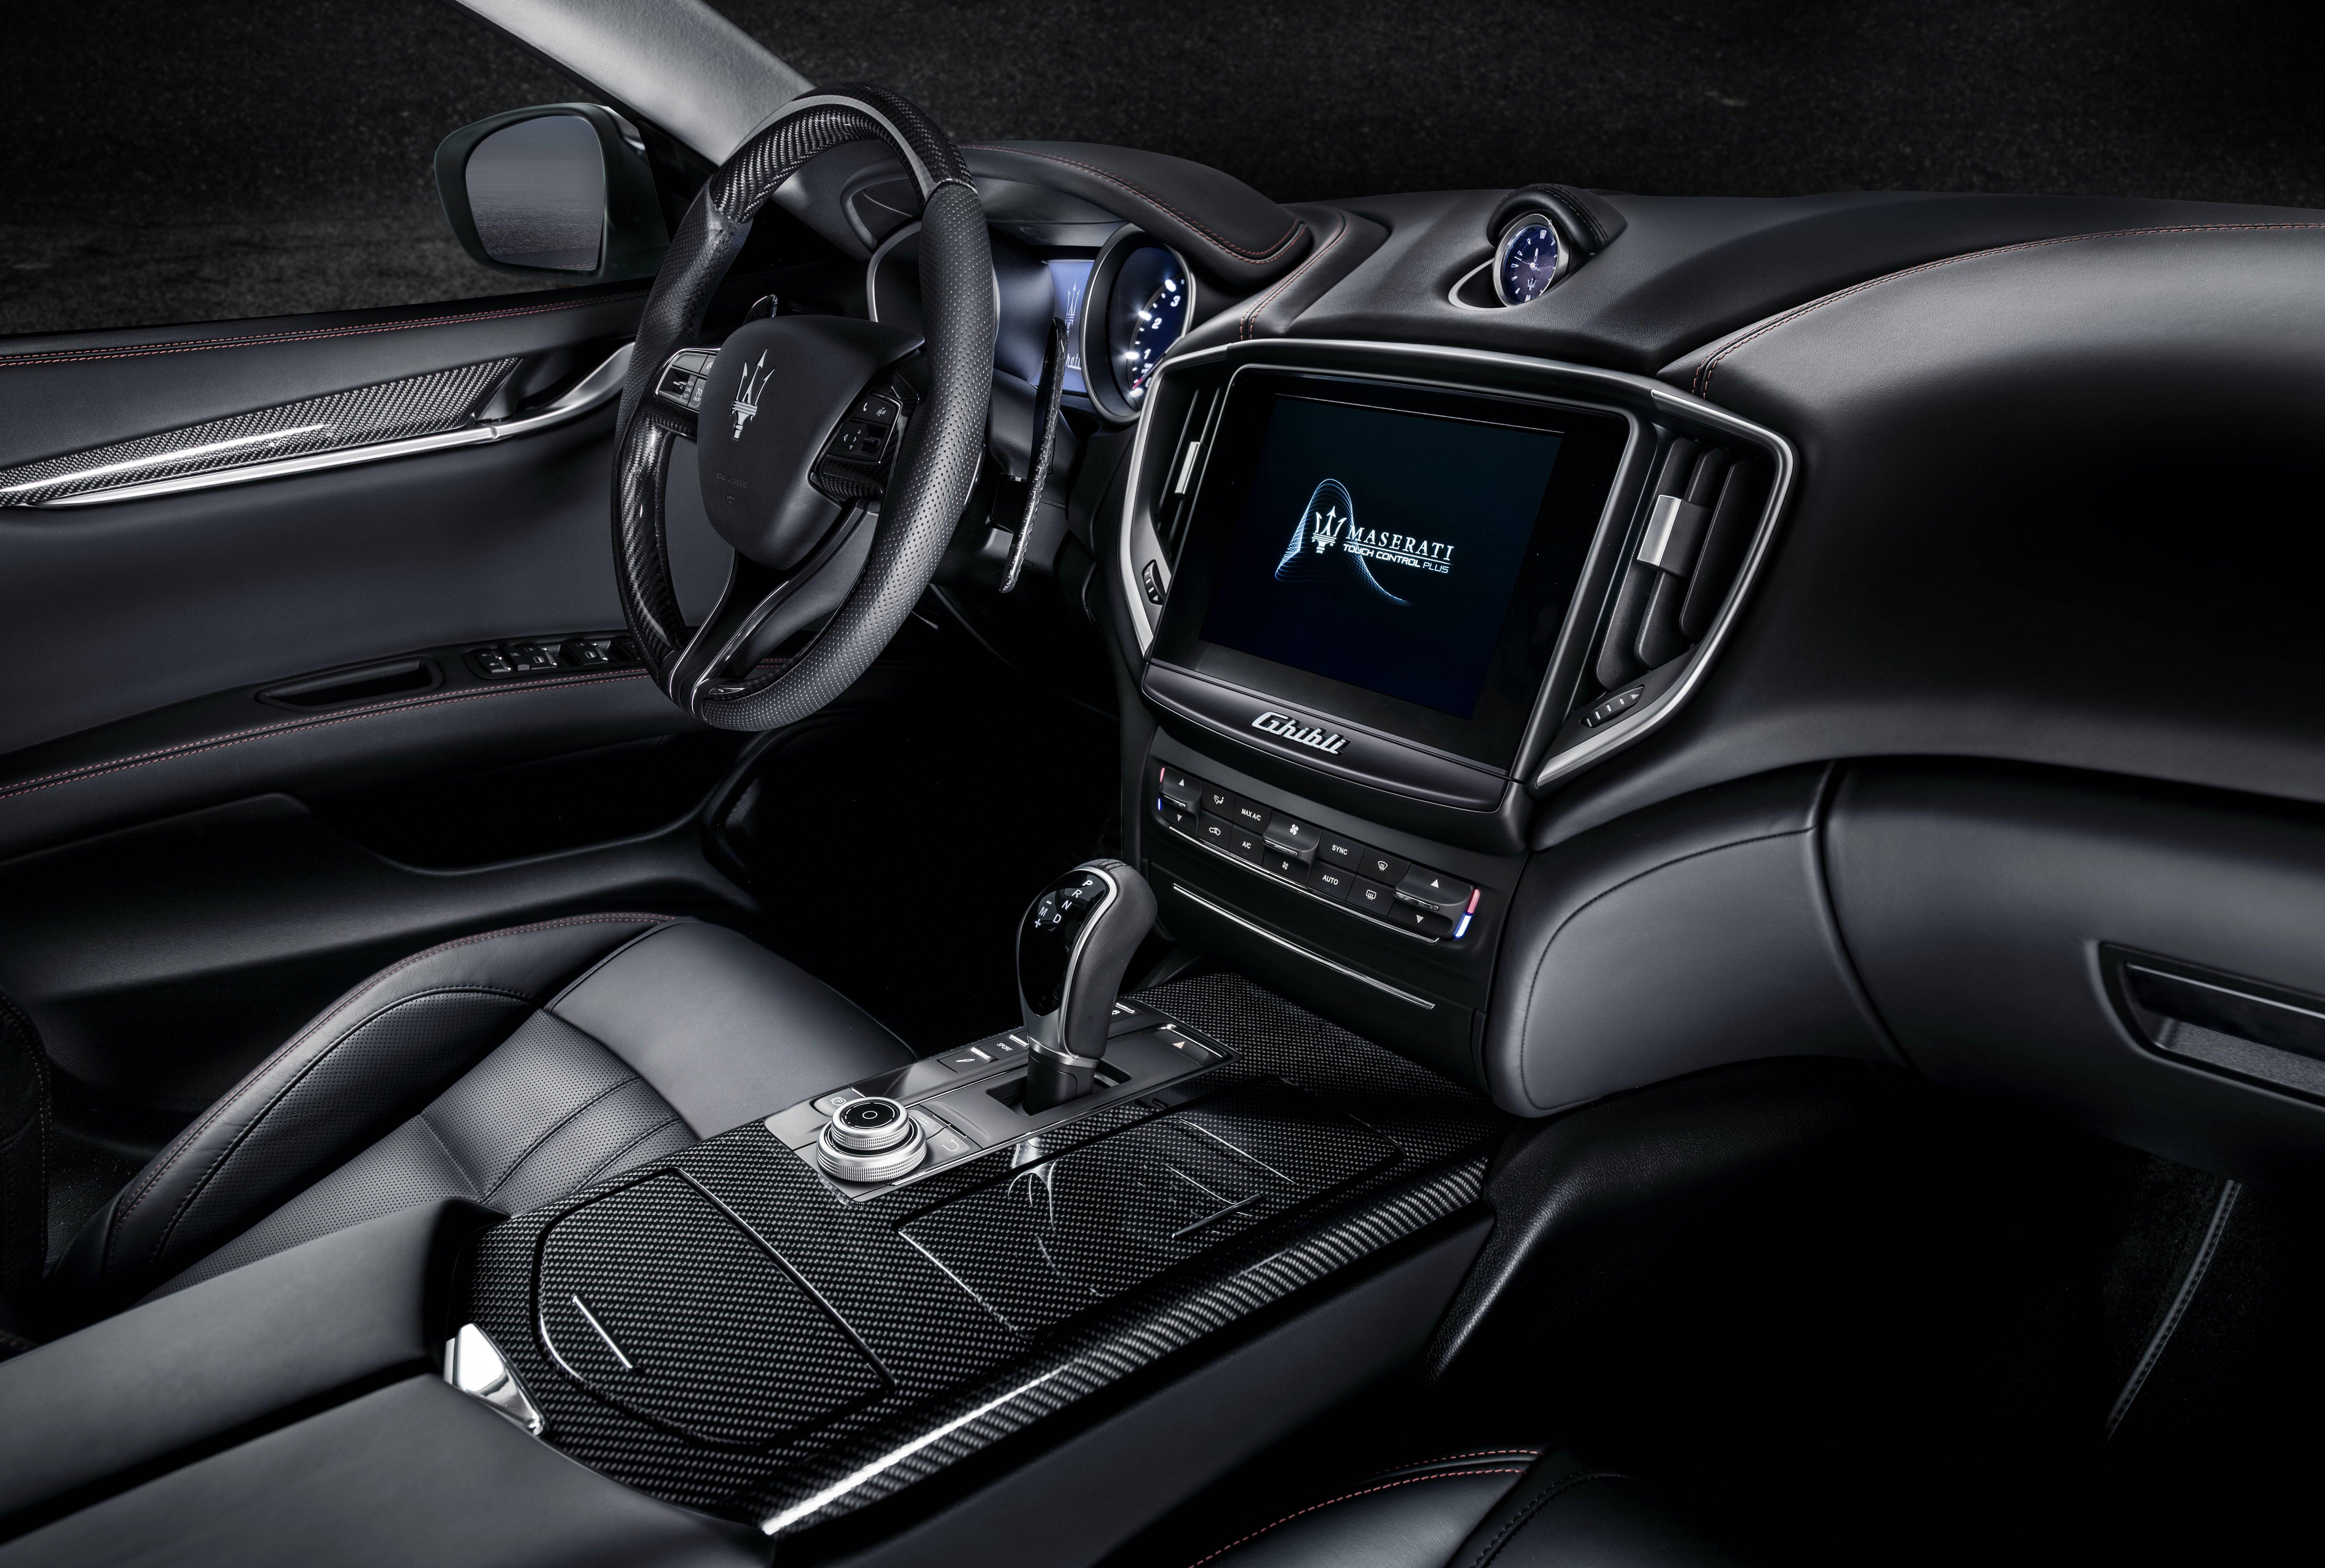 https://s2.paultan.org/image/2018/03/06-Maserati-Ghibli-GranSport.jpg